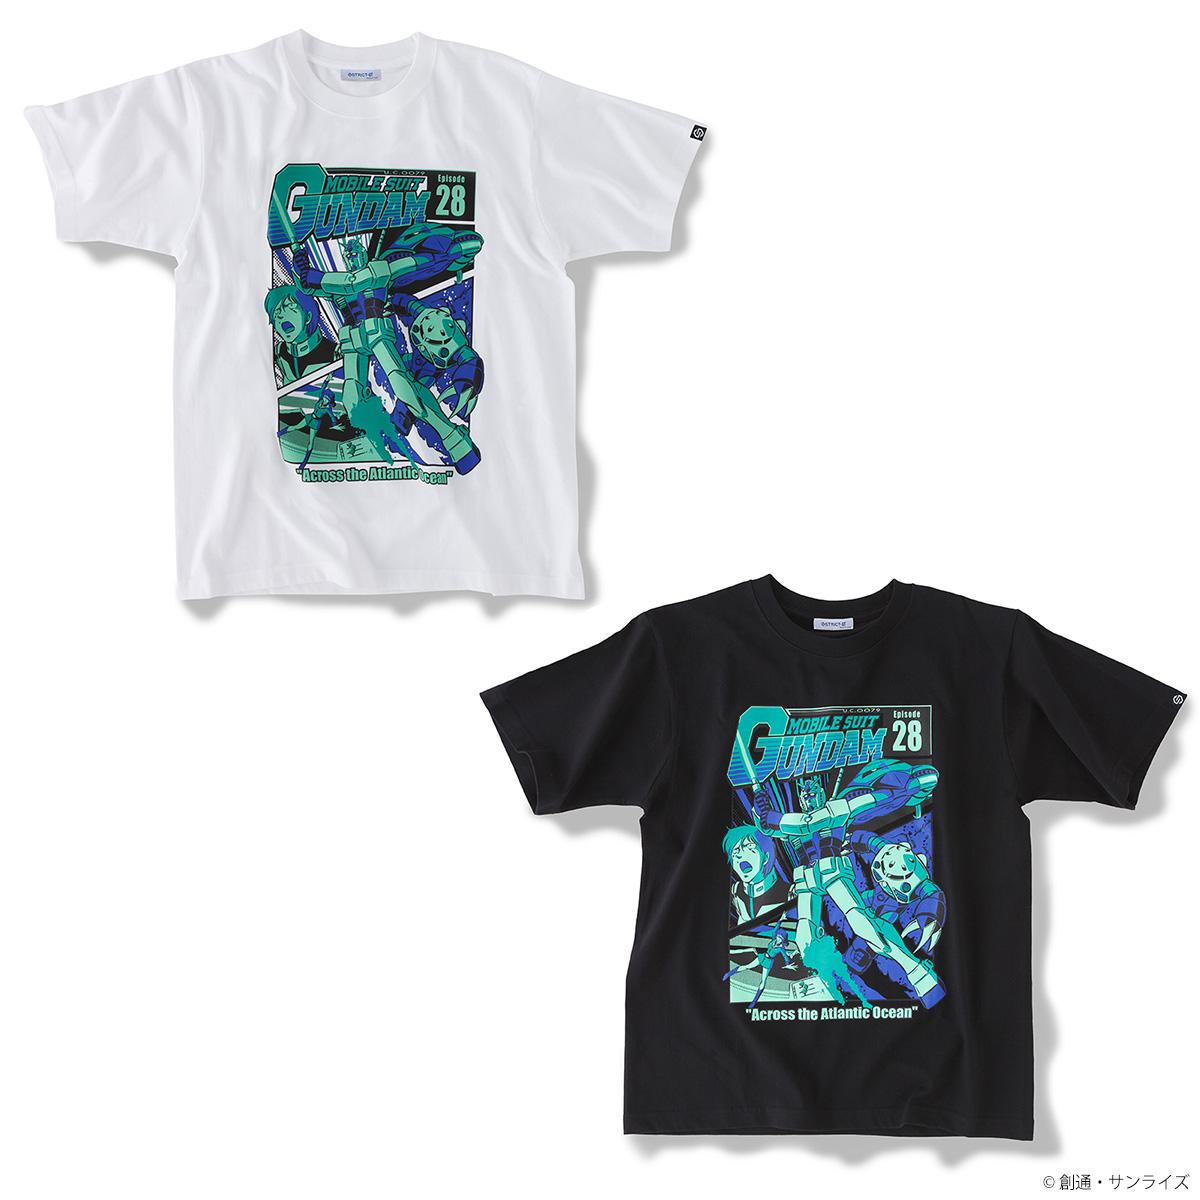 『機動戦士ガンダム』EPISODE Tシャツシリーズ第五弾発売!